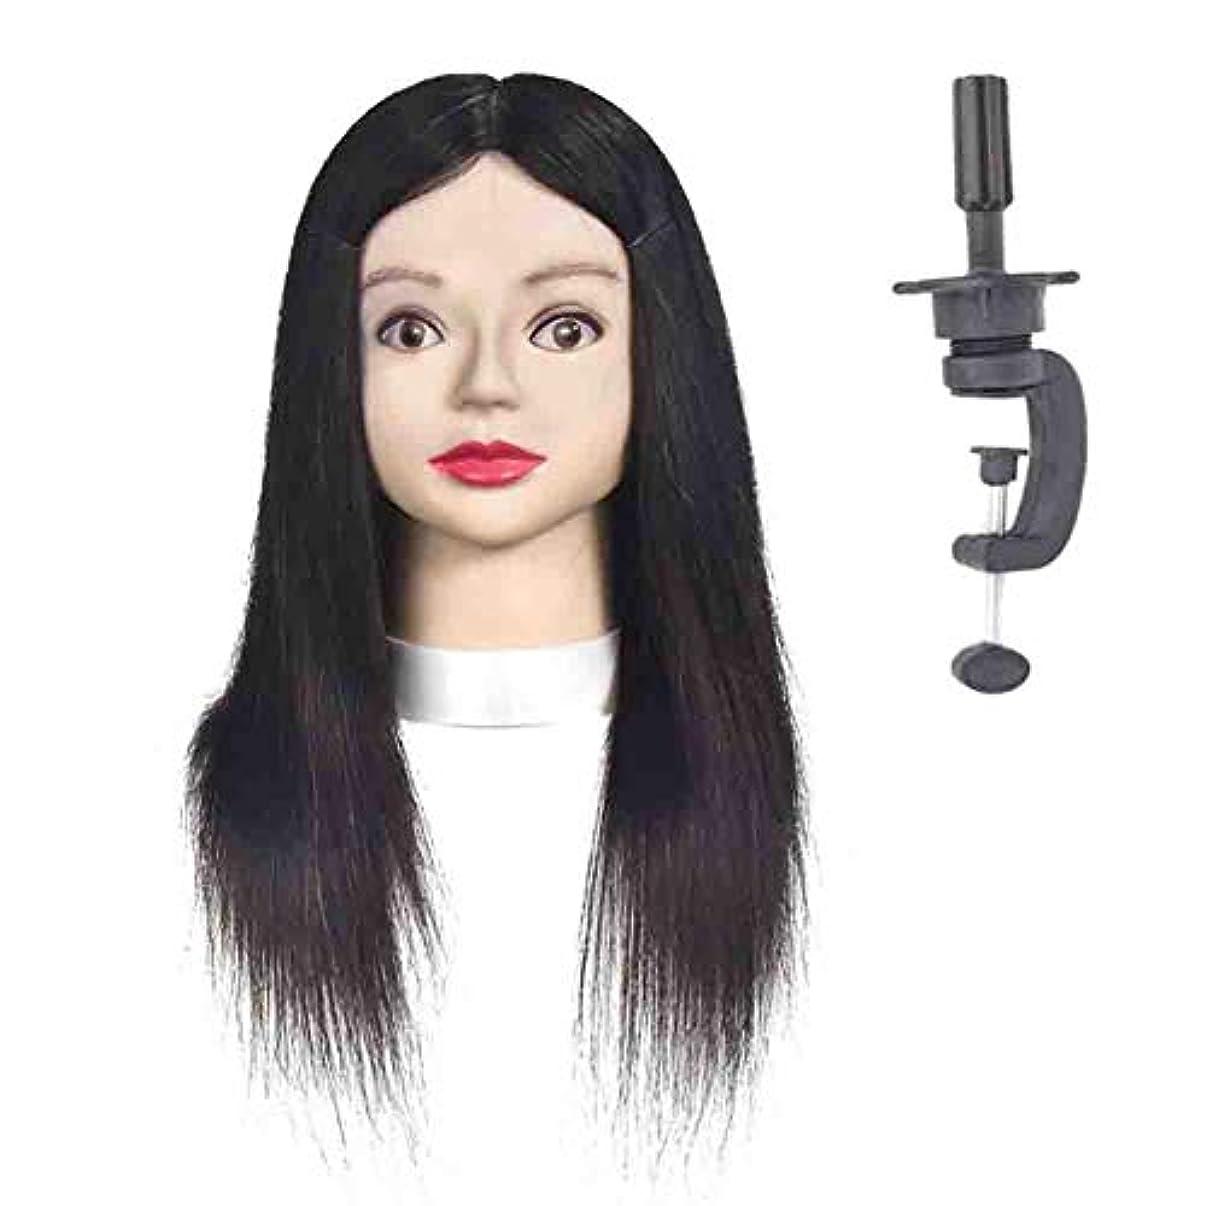 サリー潜水艦タールリアルヘアシルク編組ヘアスタイリングヘッドモデル理髪店理髪ダミーヘッドメイクアップ練習マネキンヘッド